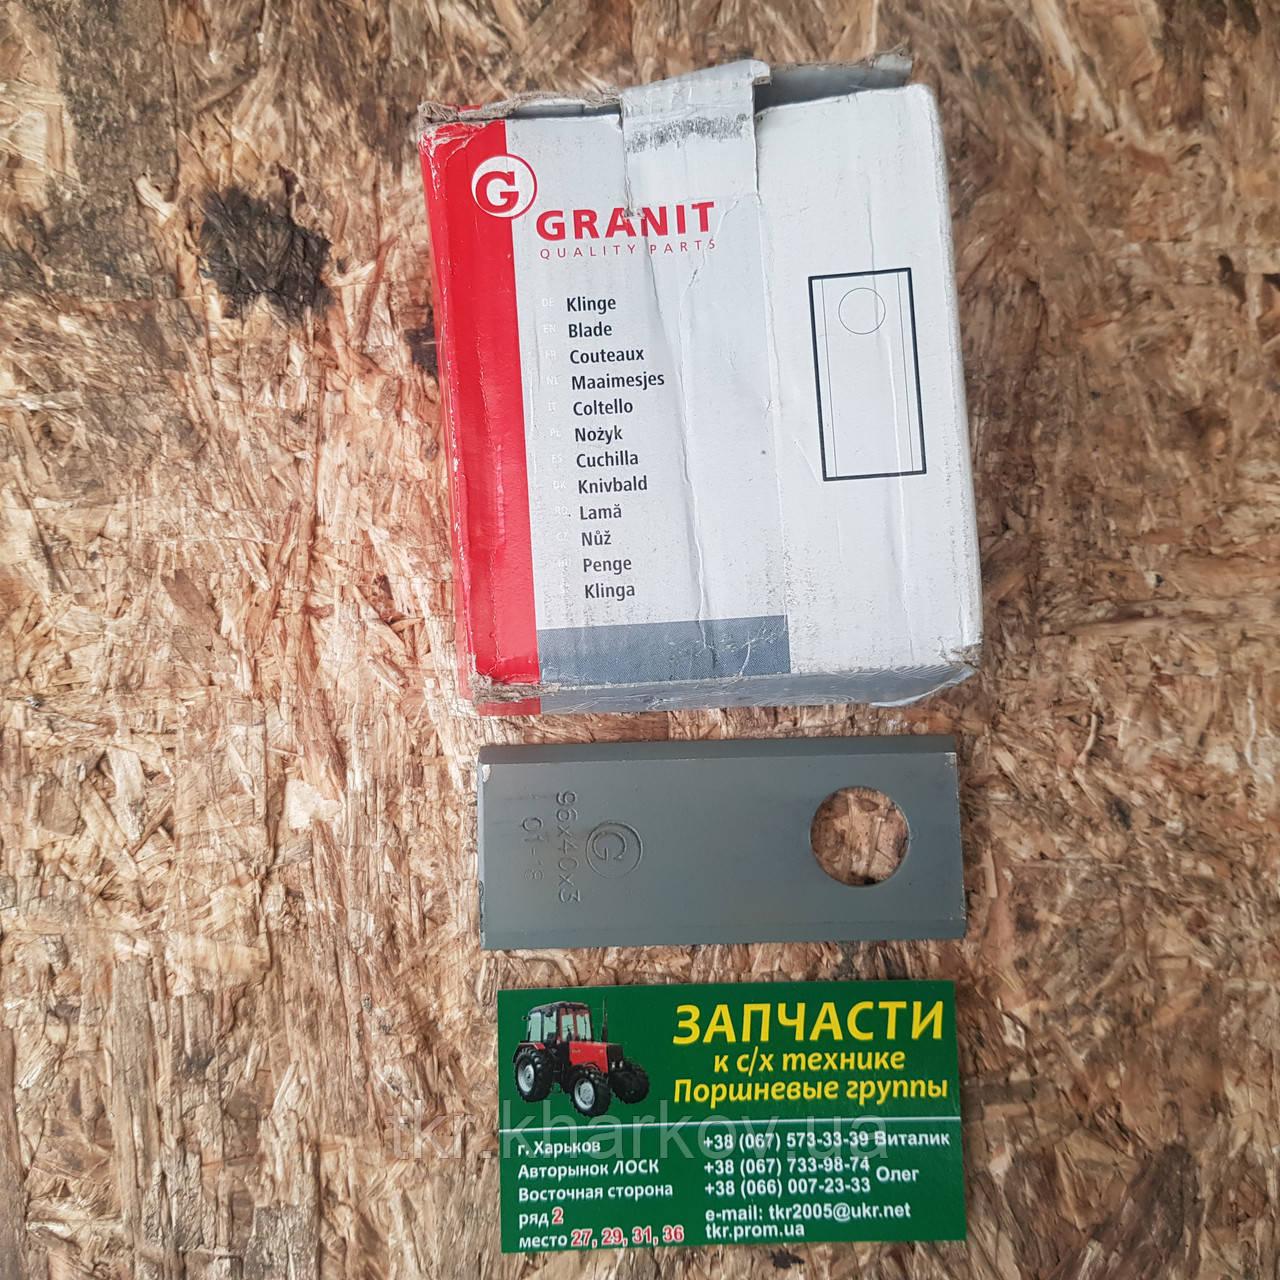 Нож роторной косилки GRANIT (Оригинал) 96х3мм 52506561542-25